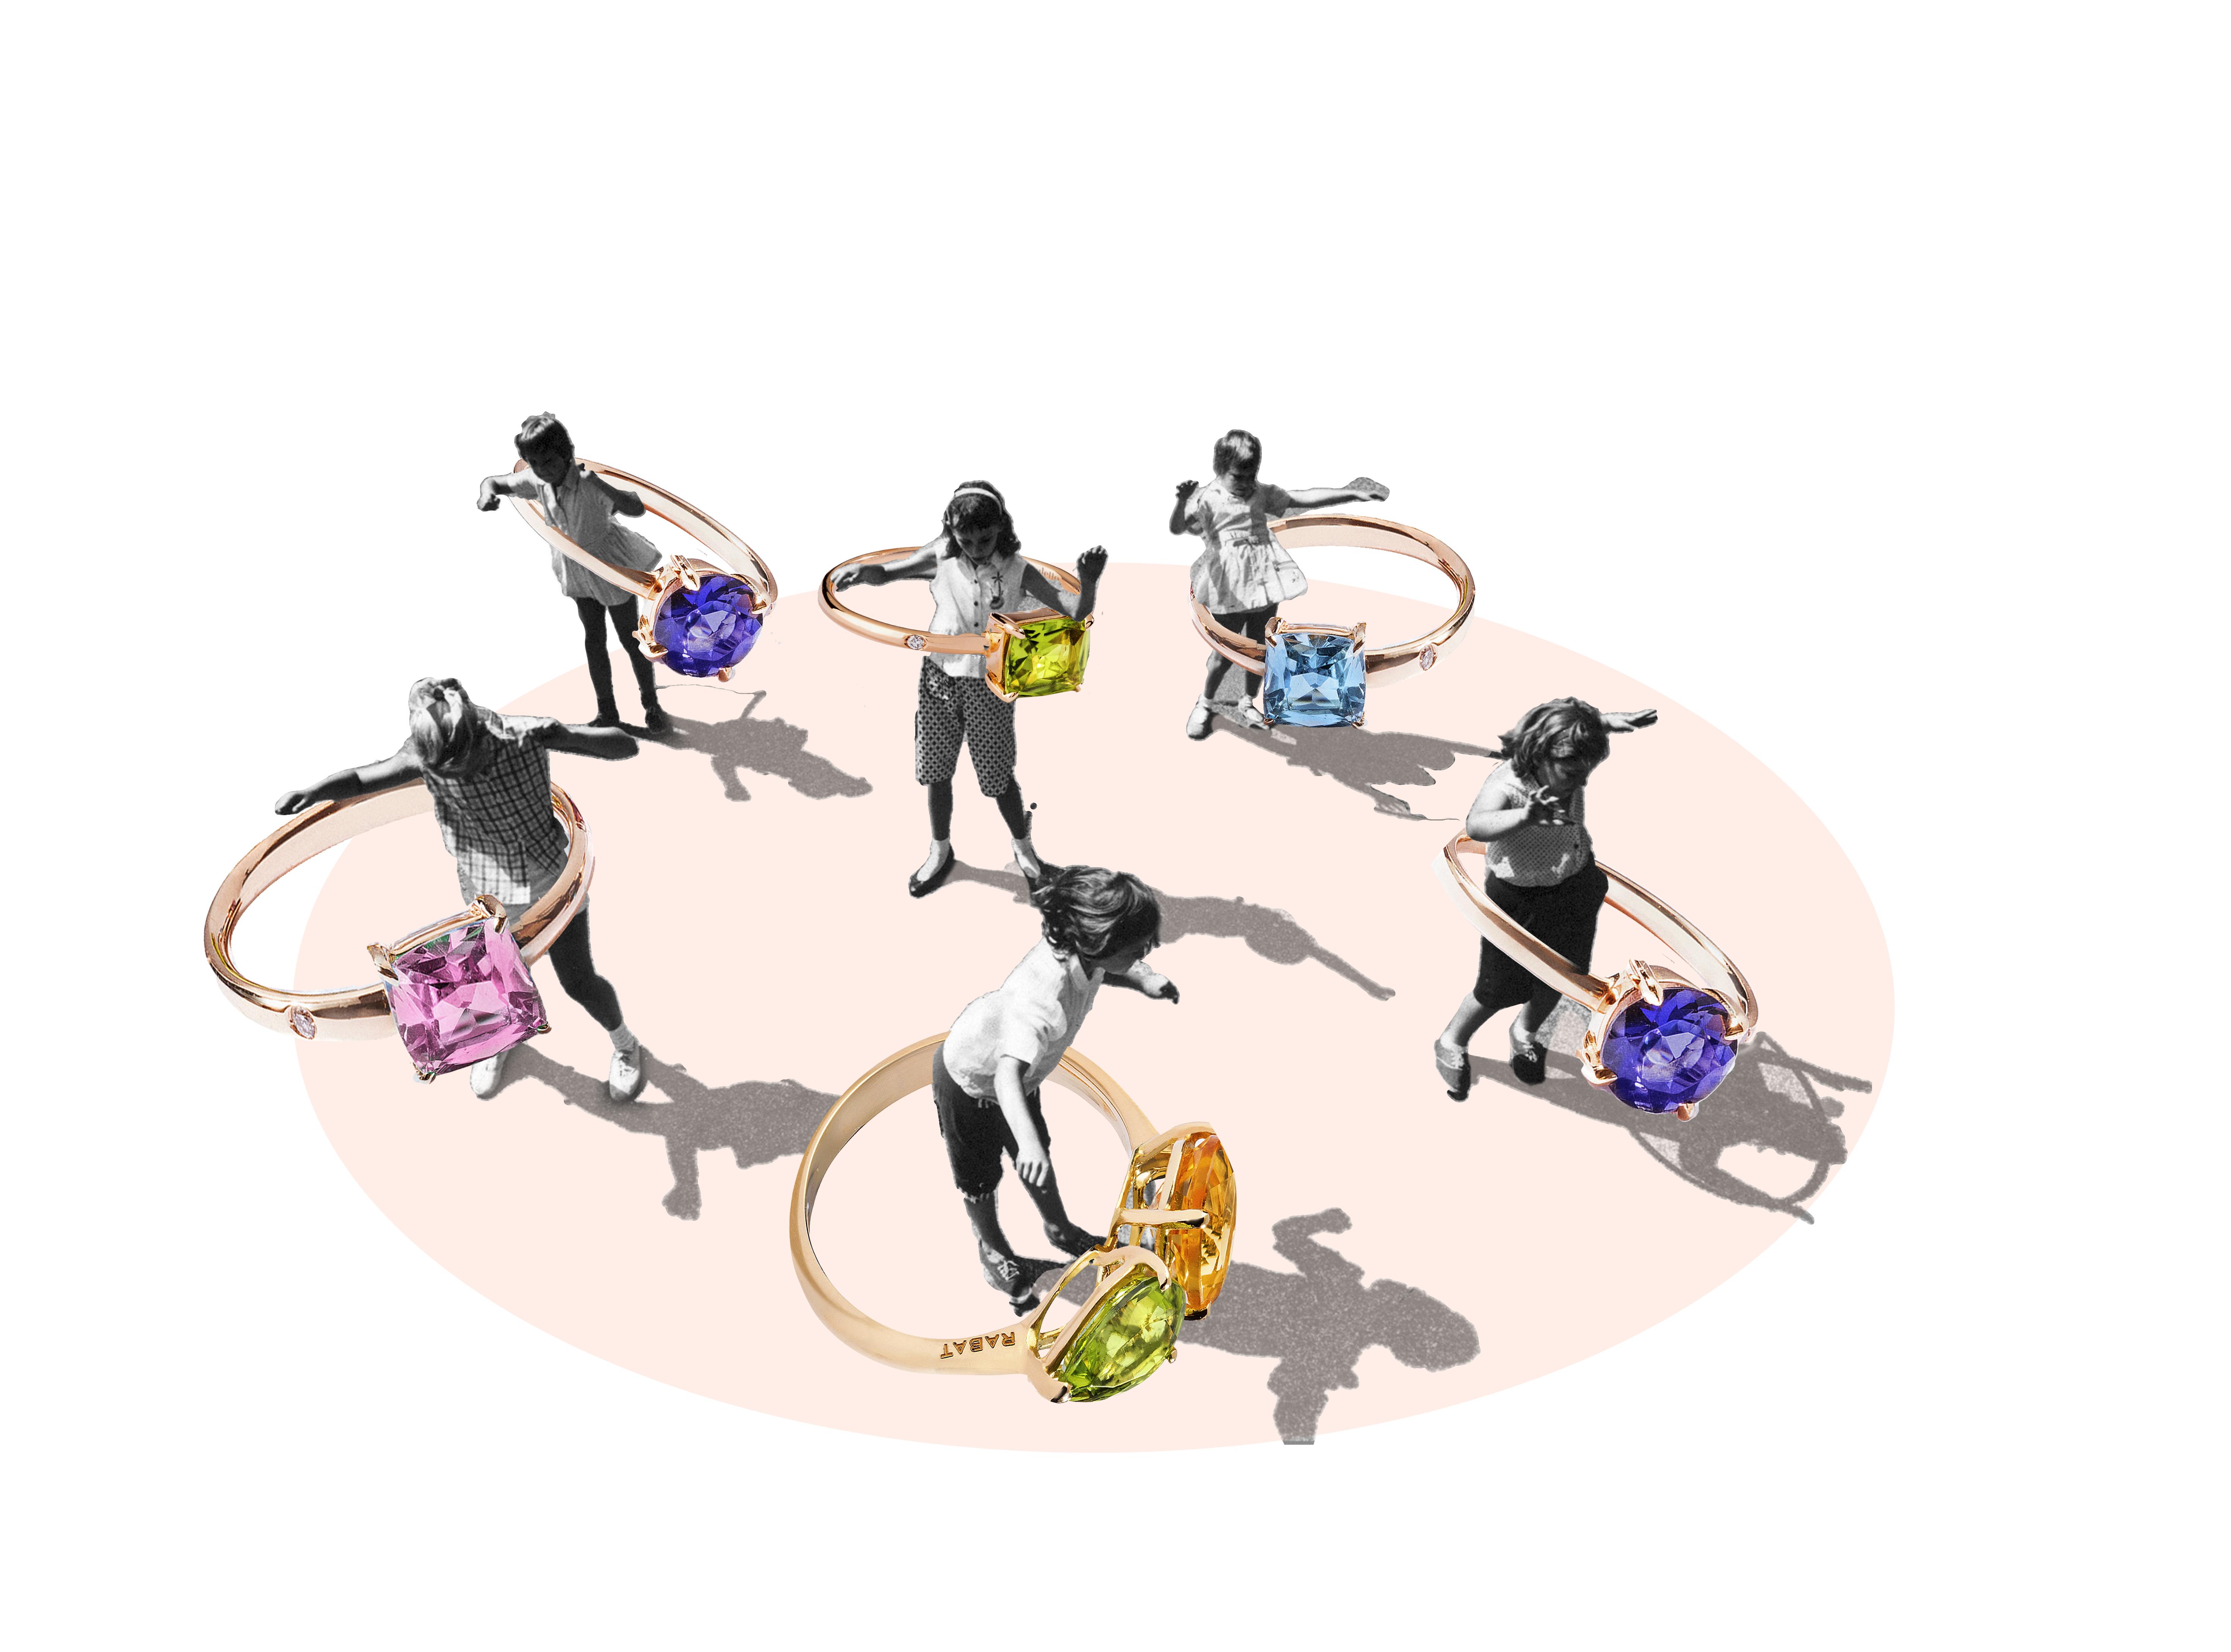 Colaboracion Pilsferrer con Rabat ninos jugando